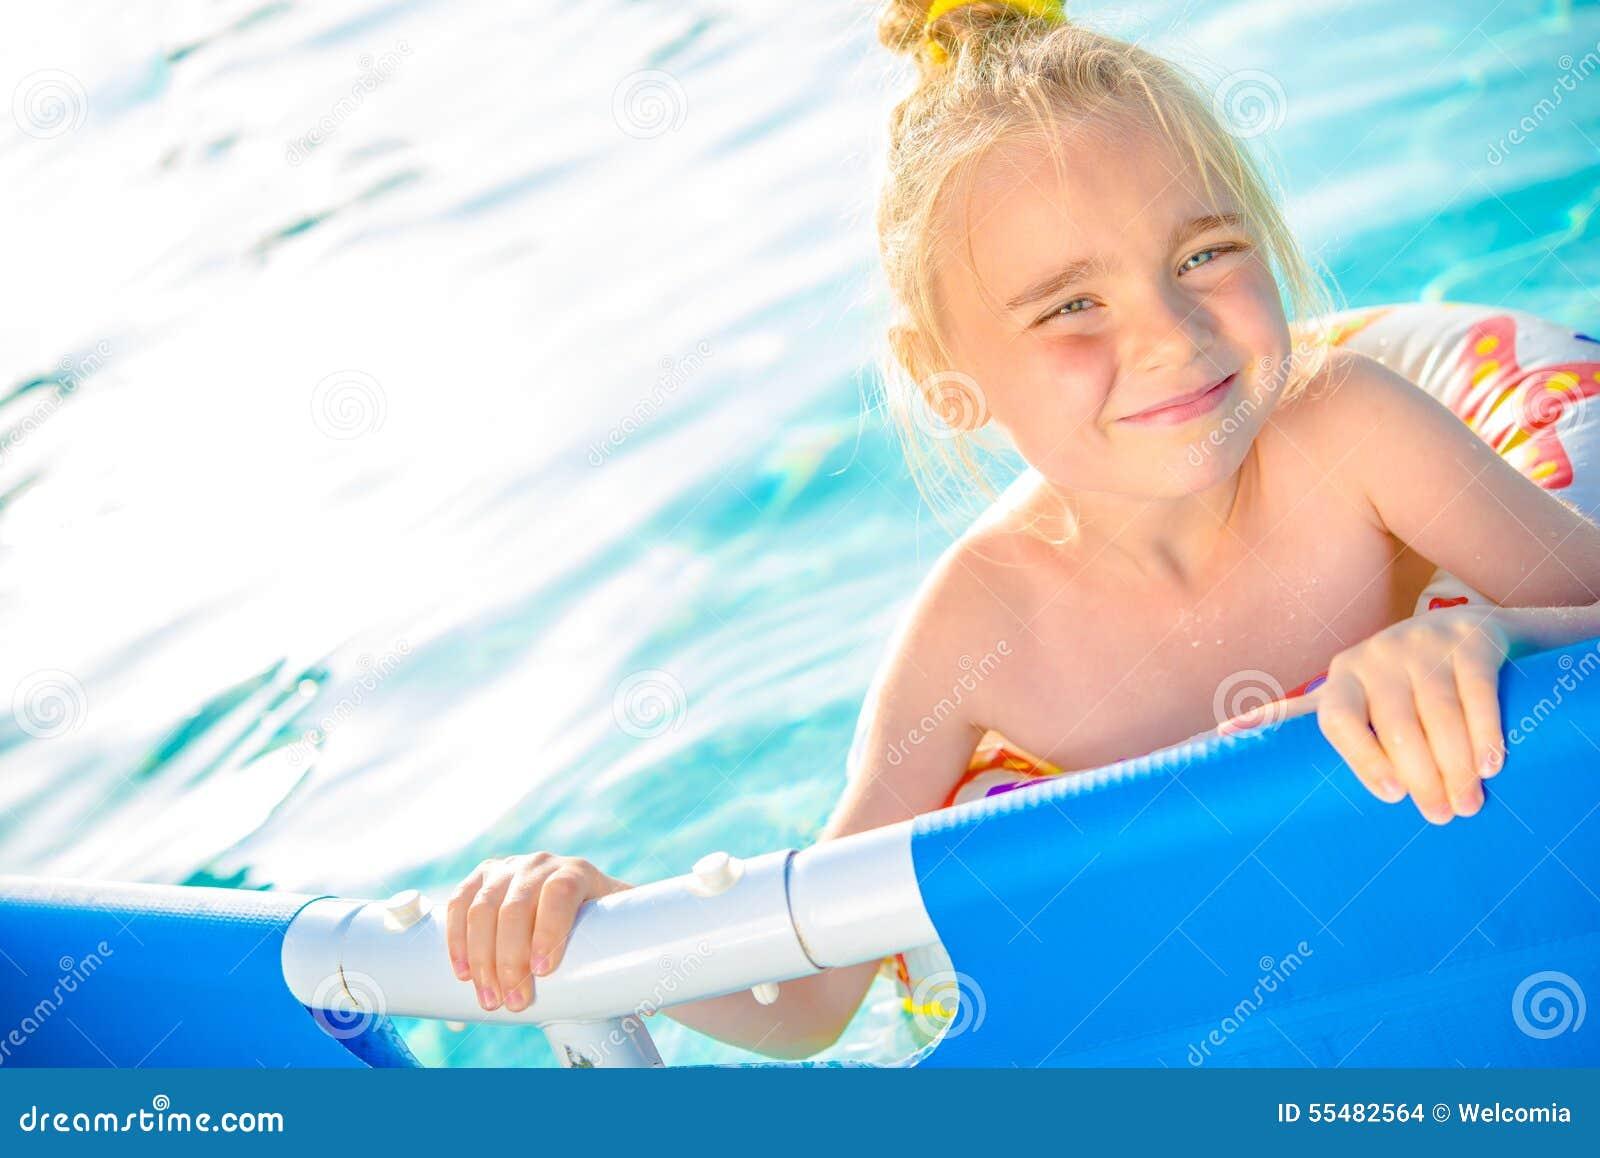 Little Girl Swimming Kid Hot Girls Wallpaper